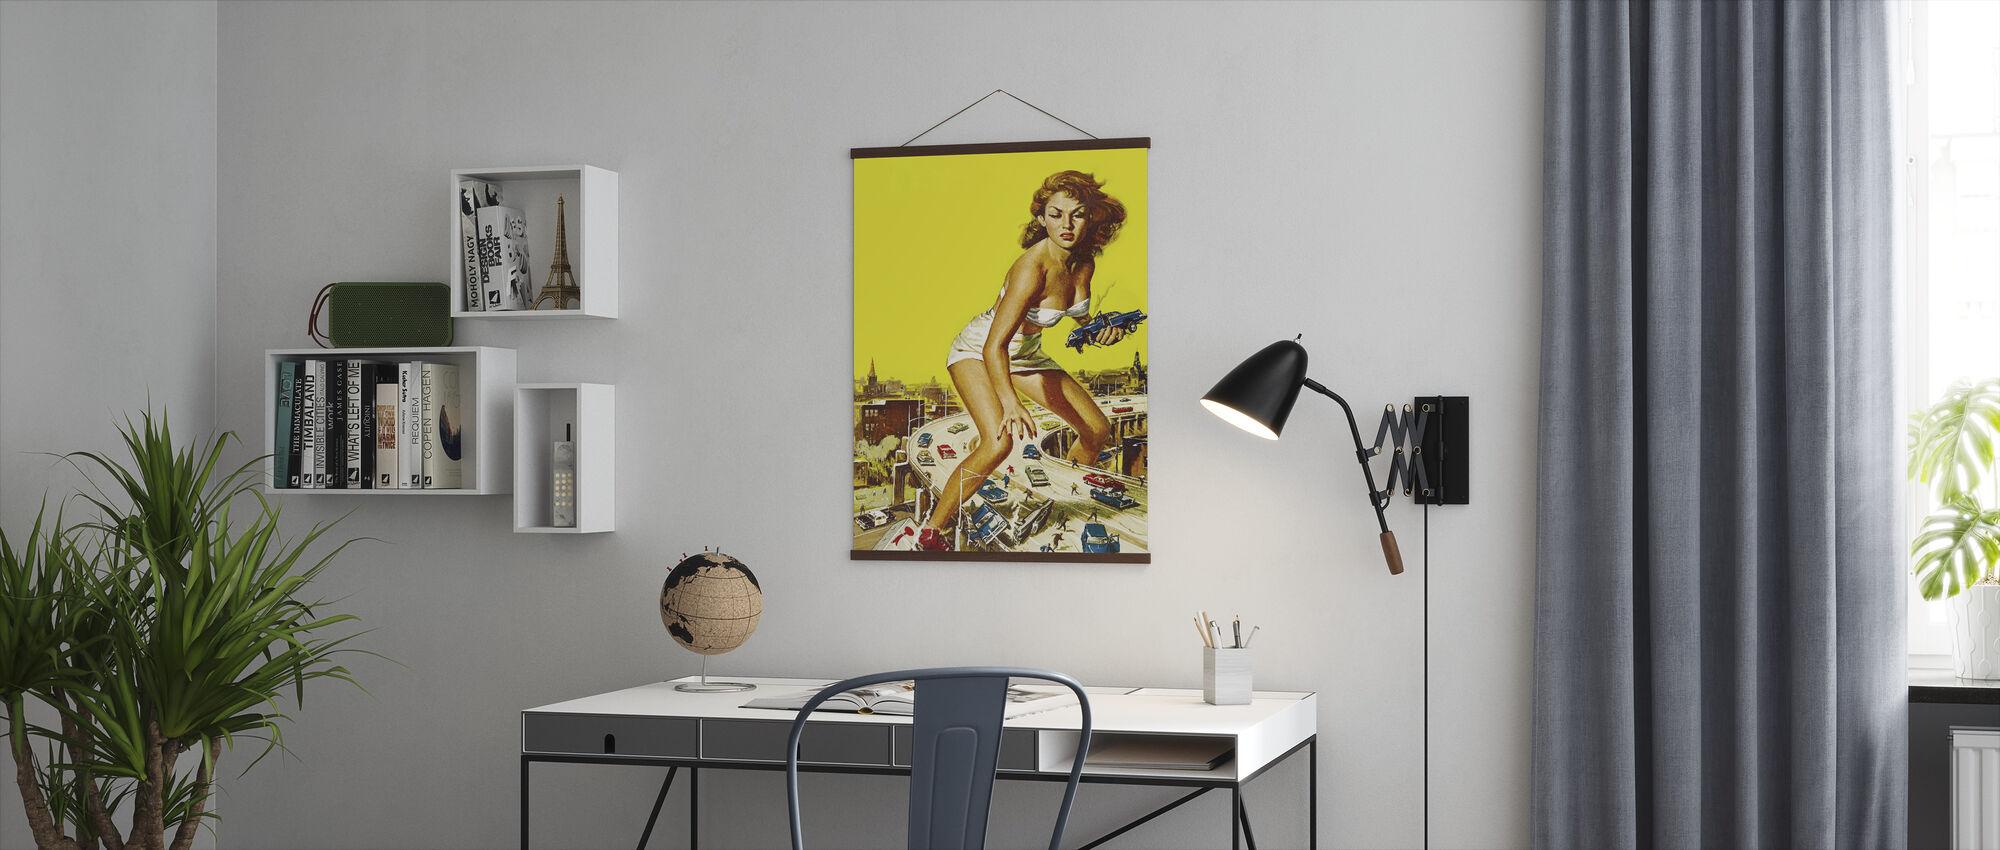 Aanval van de 50 voet vrouw - Poster - Kantoor